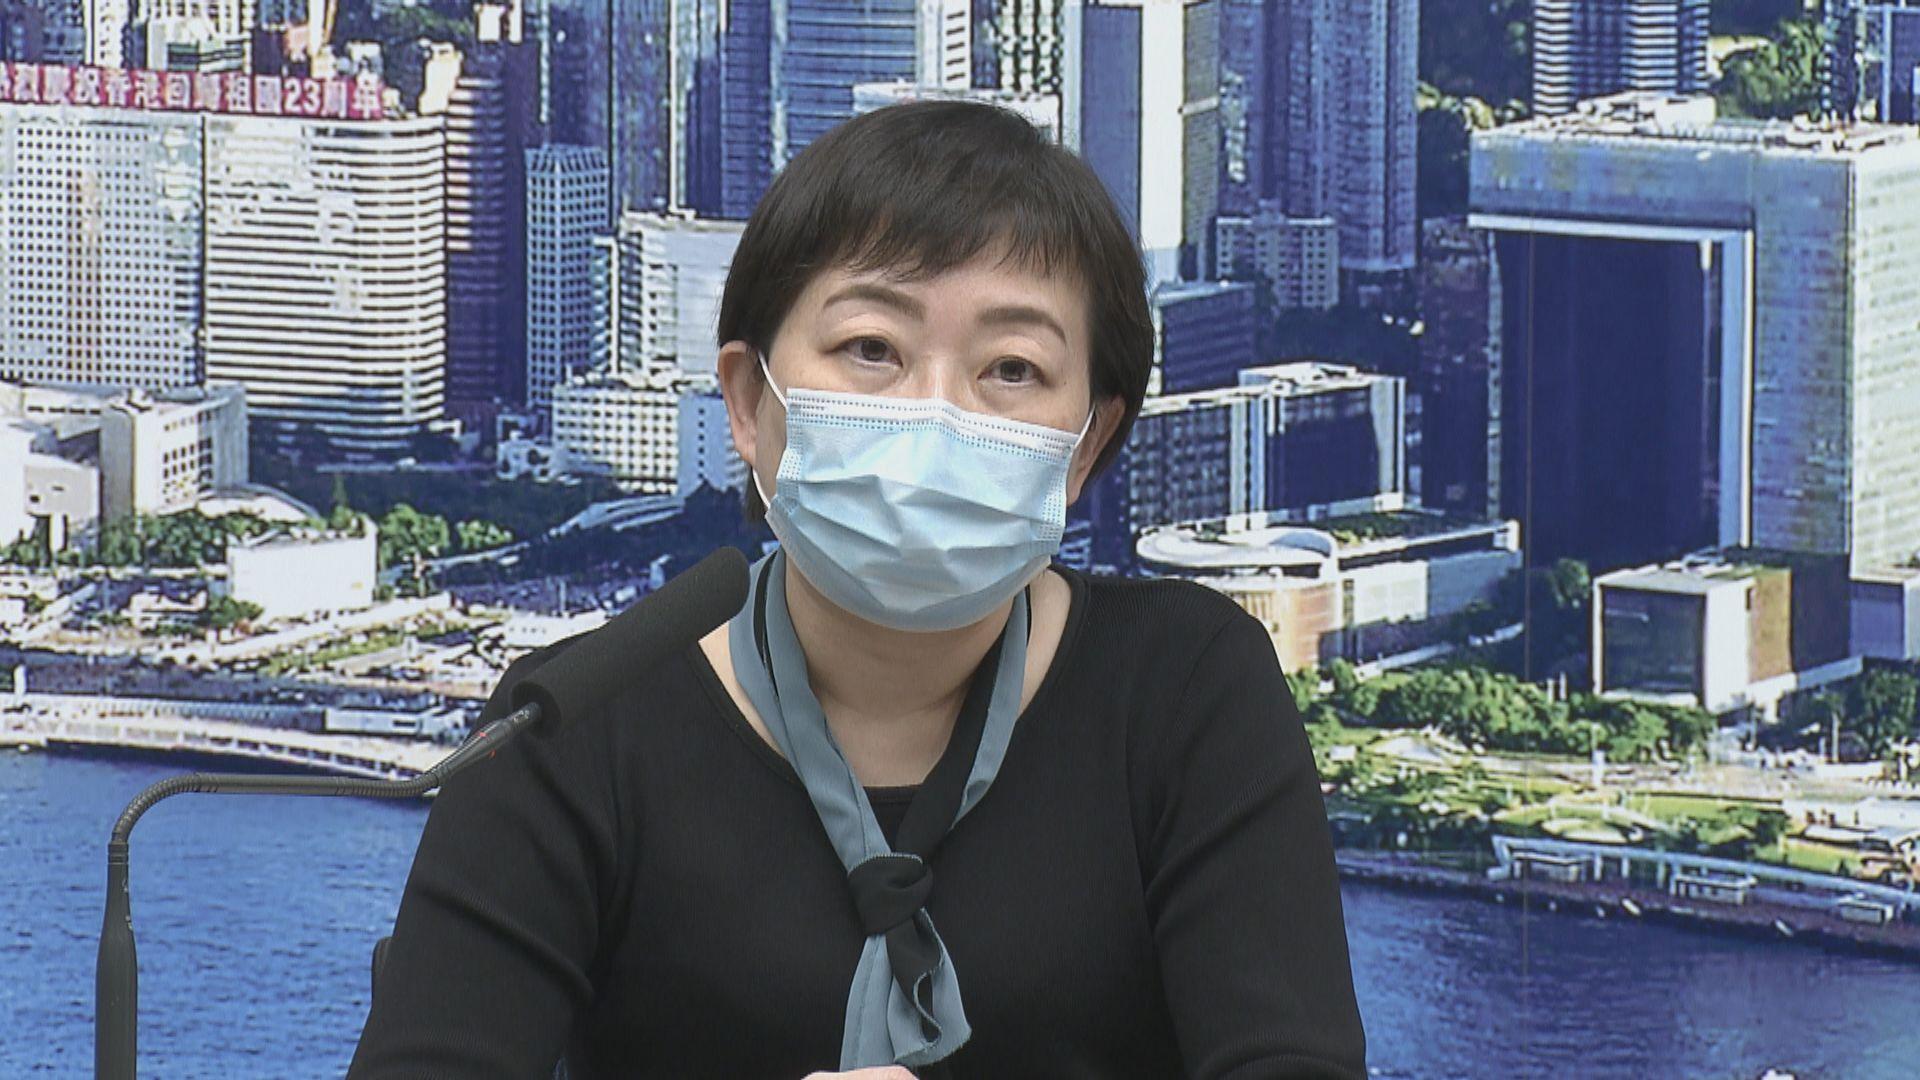 張竹君:全民檢測有助截斷傳播鏈 但不可掉以輕心